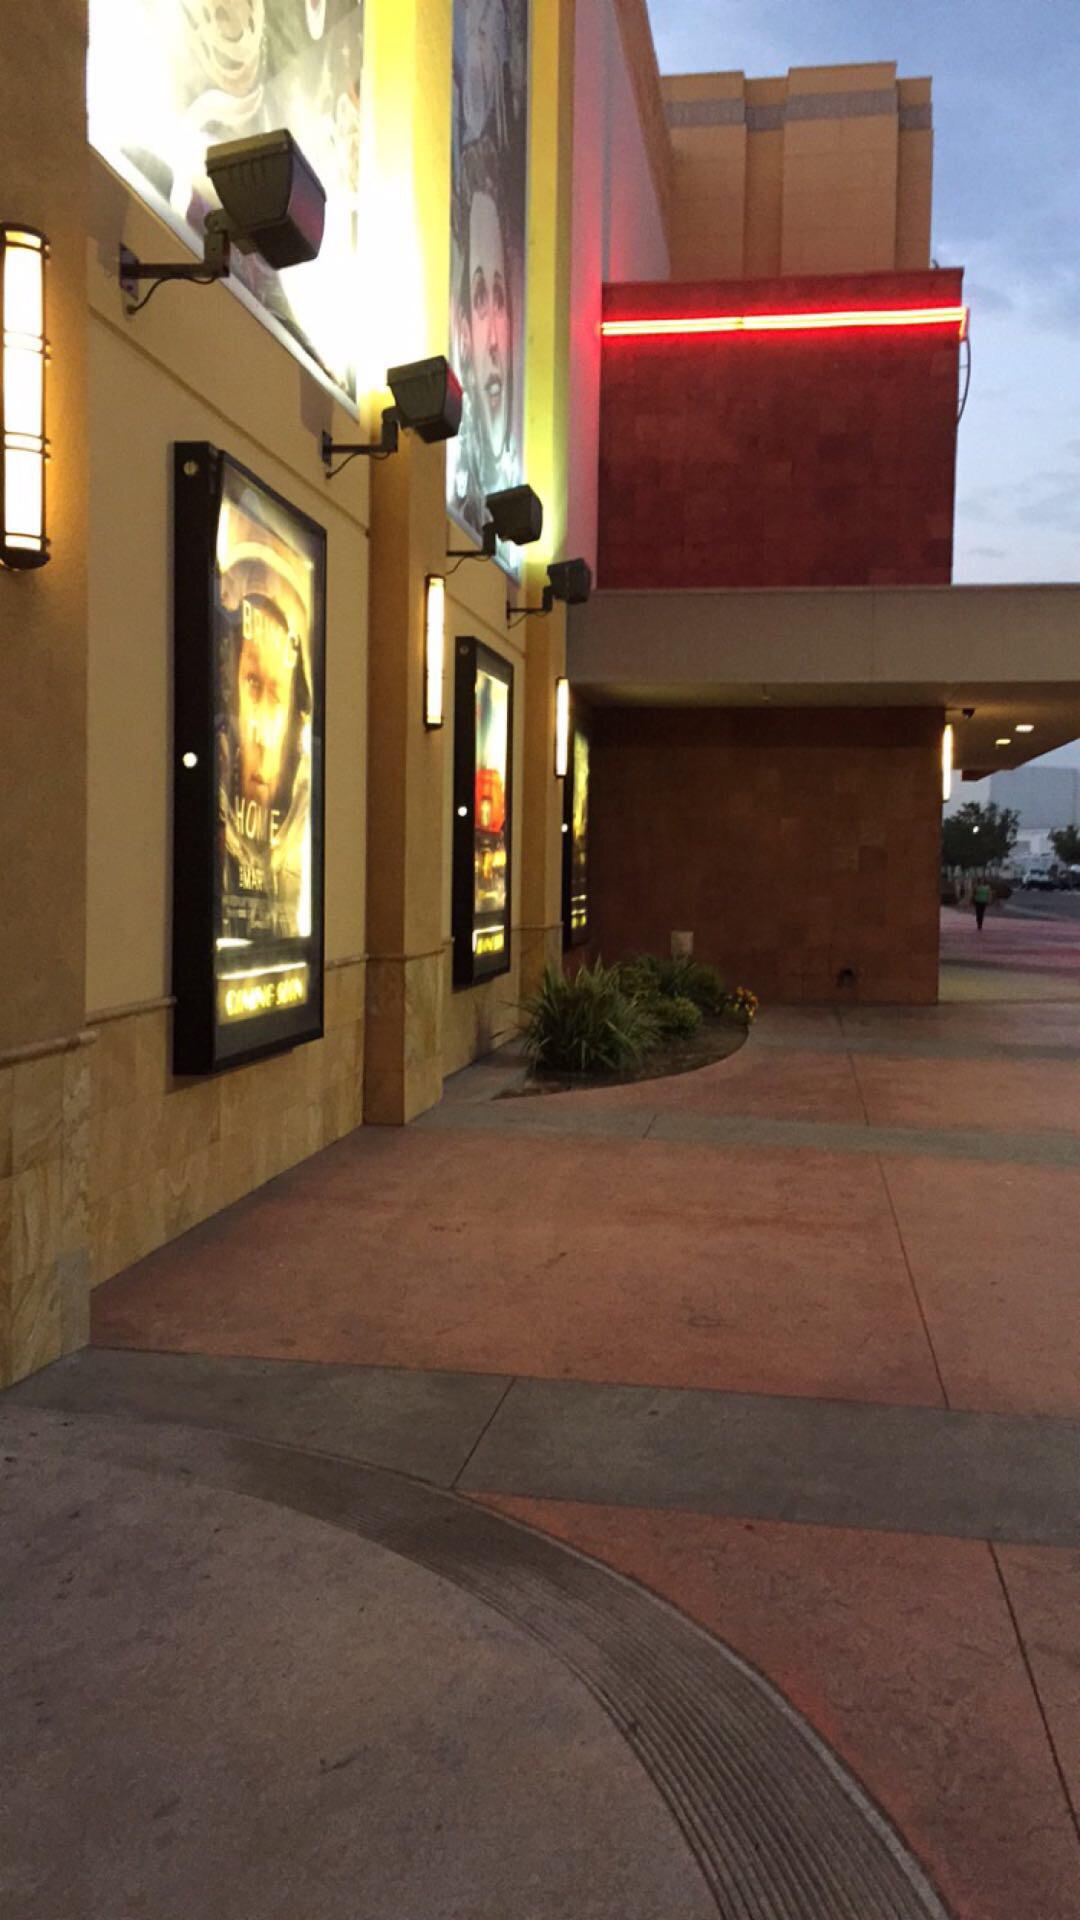 Nail In Tire Repair >> Maya Cinemas 16 1000 California Ave, Bakersfield, CA 93304 ...